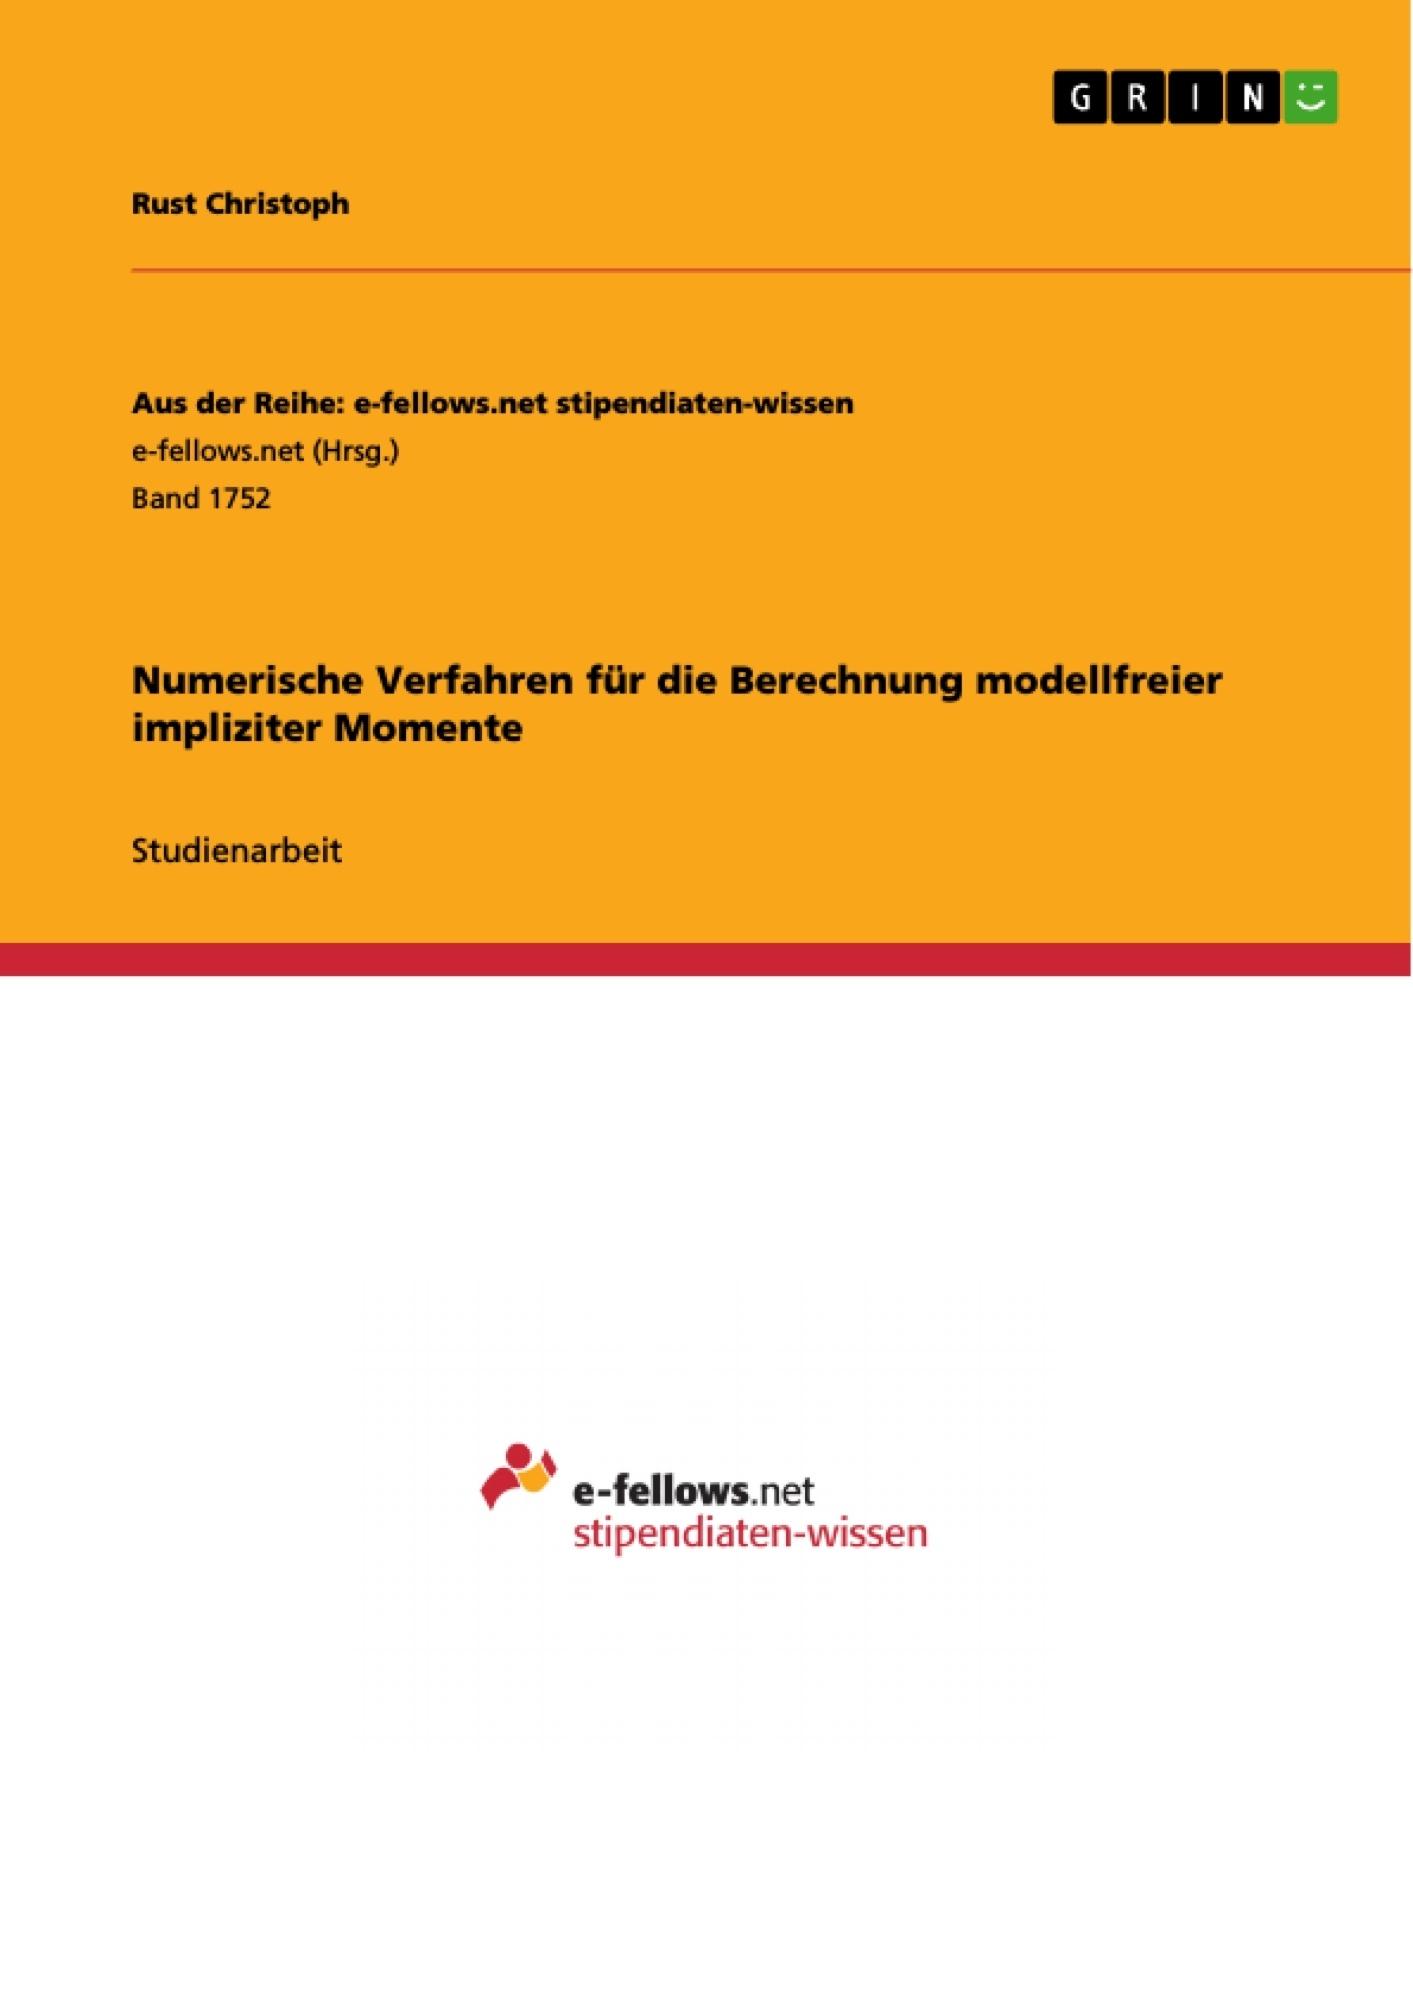 Titel: Numerische Verfahren für die Berechnung modellfreier impliziter Momente